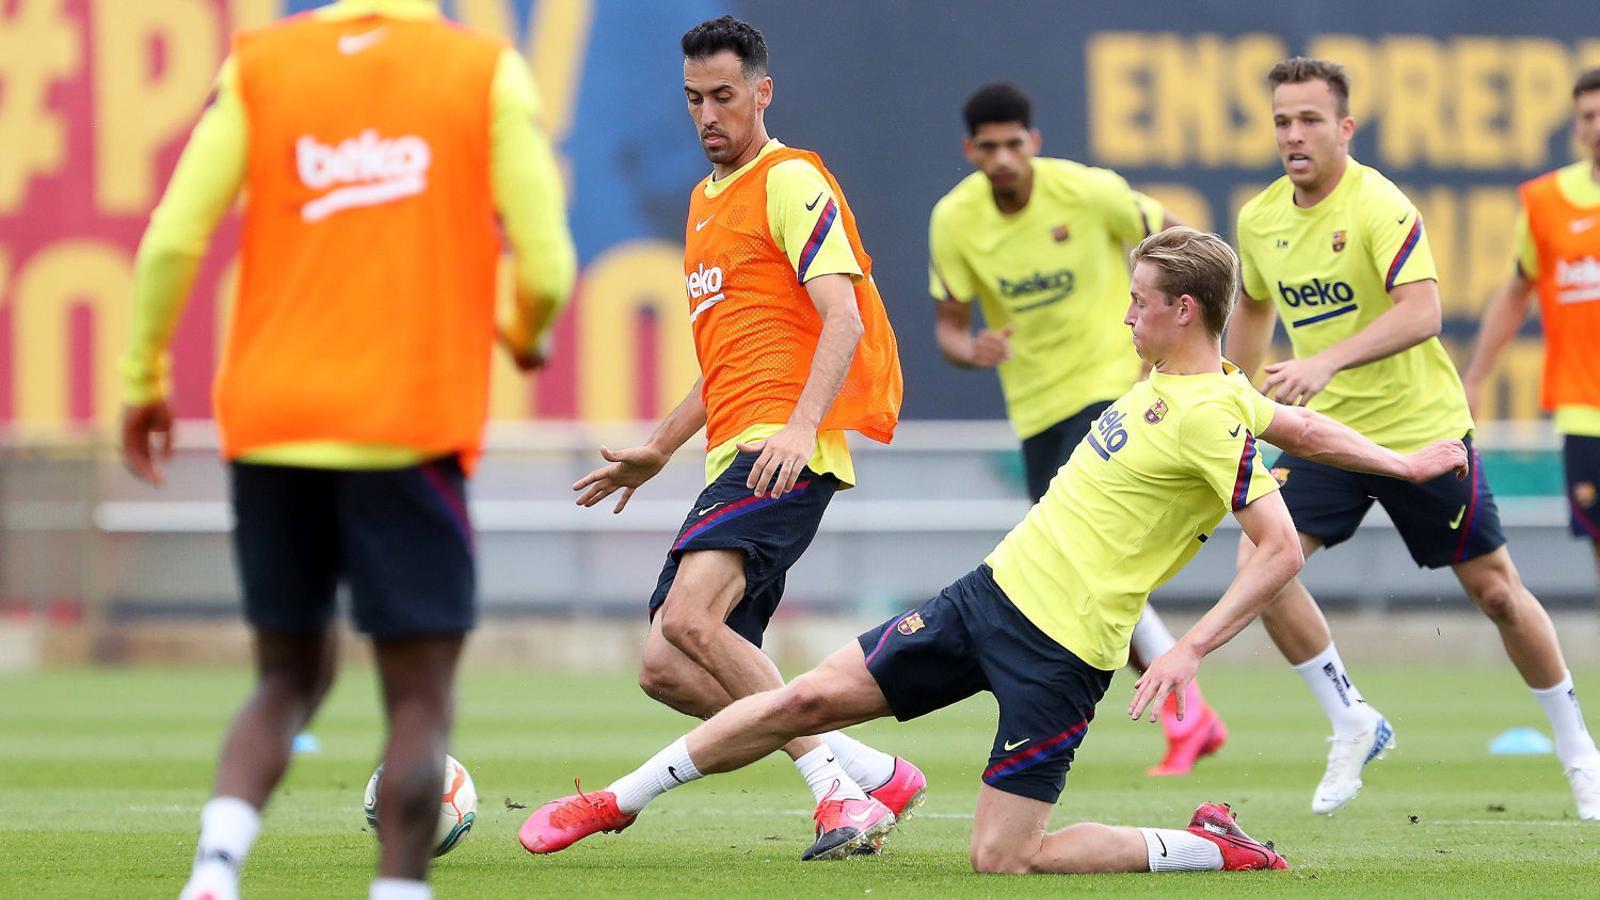 El Barça busca fórmules per equilibrar la comptabilitat